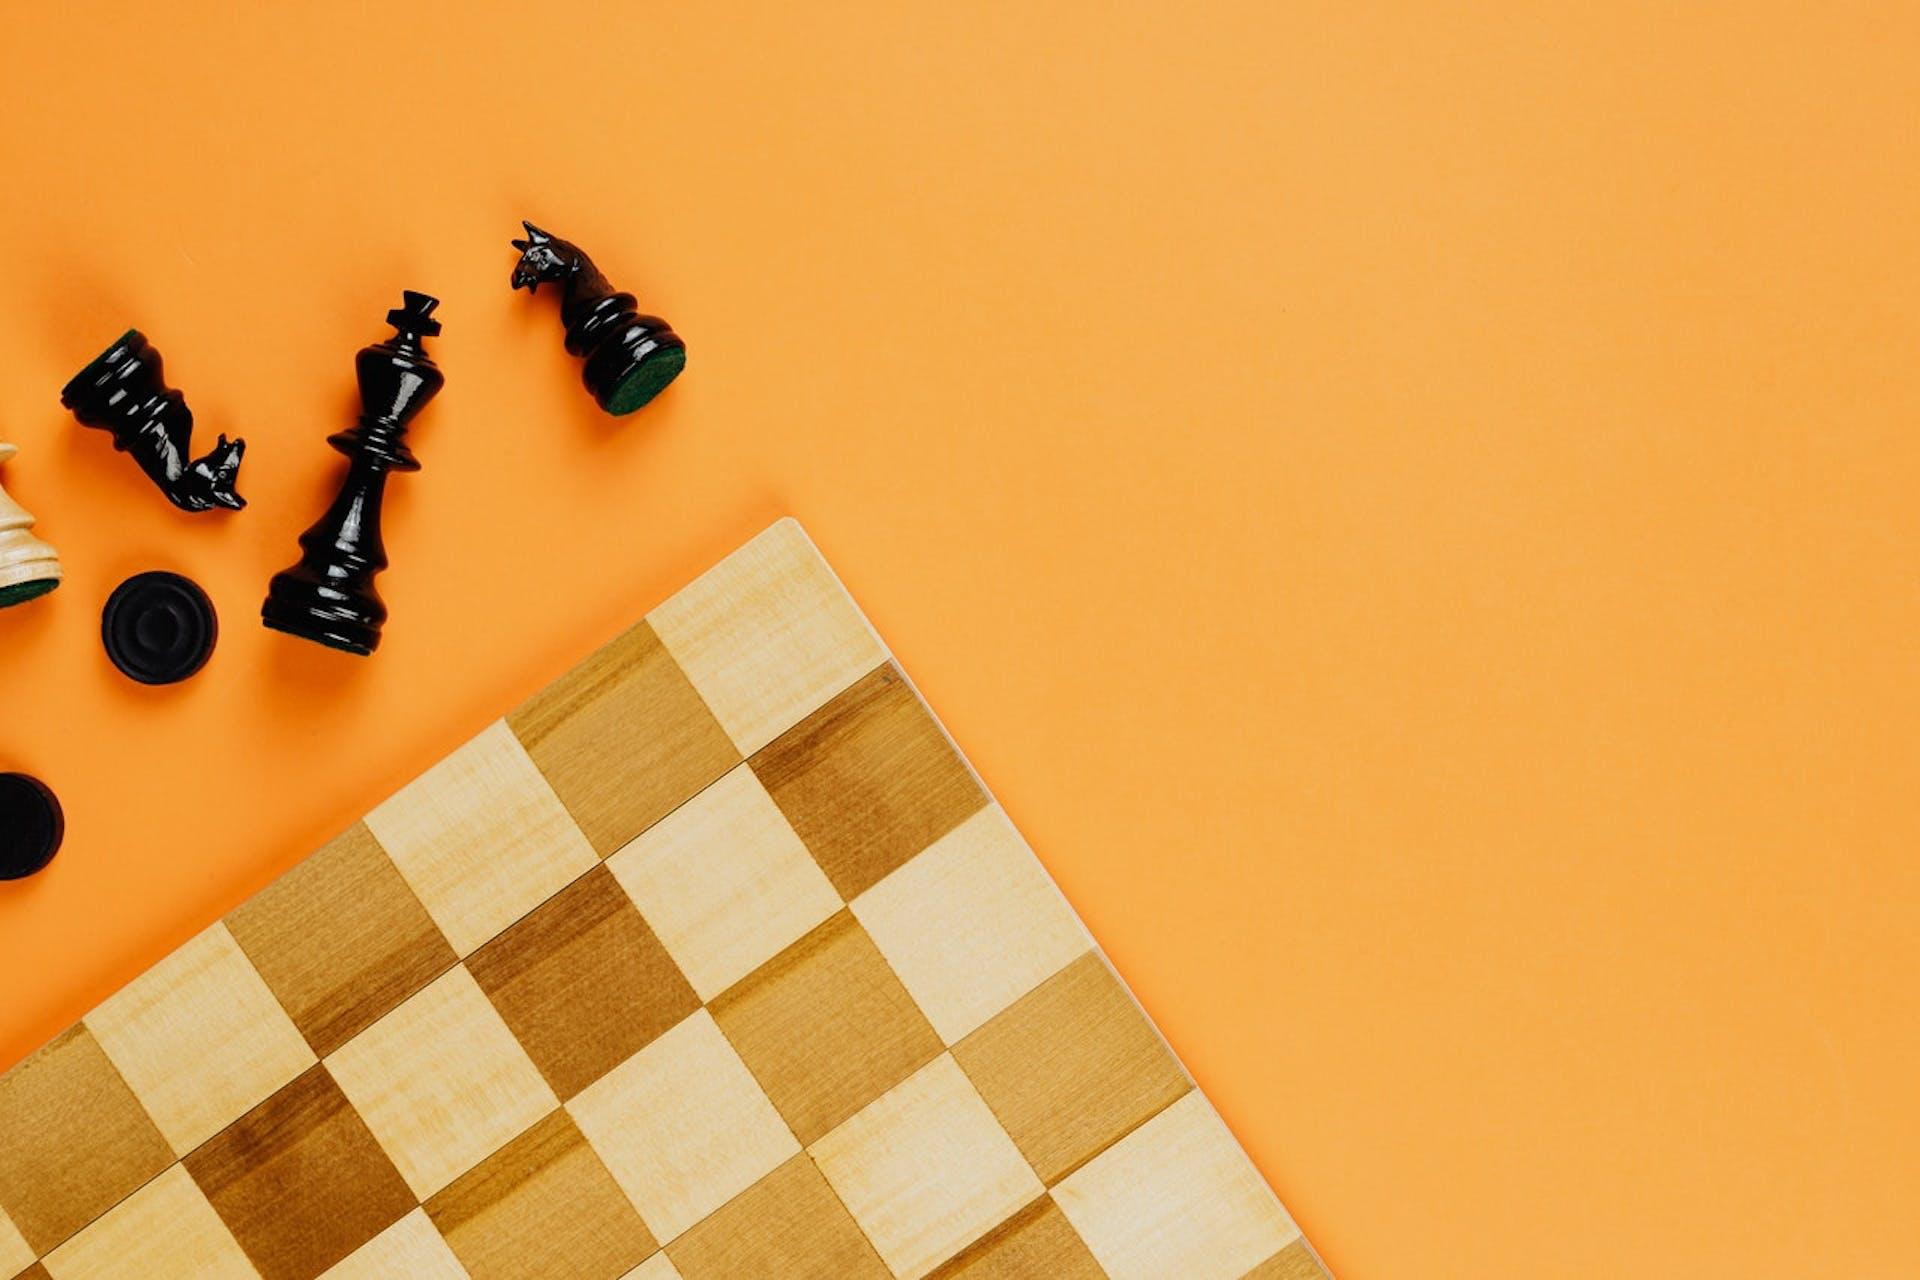 Las aperturas modernas de ajedrez que desarmarán a tu oponente en la primera jugada